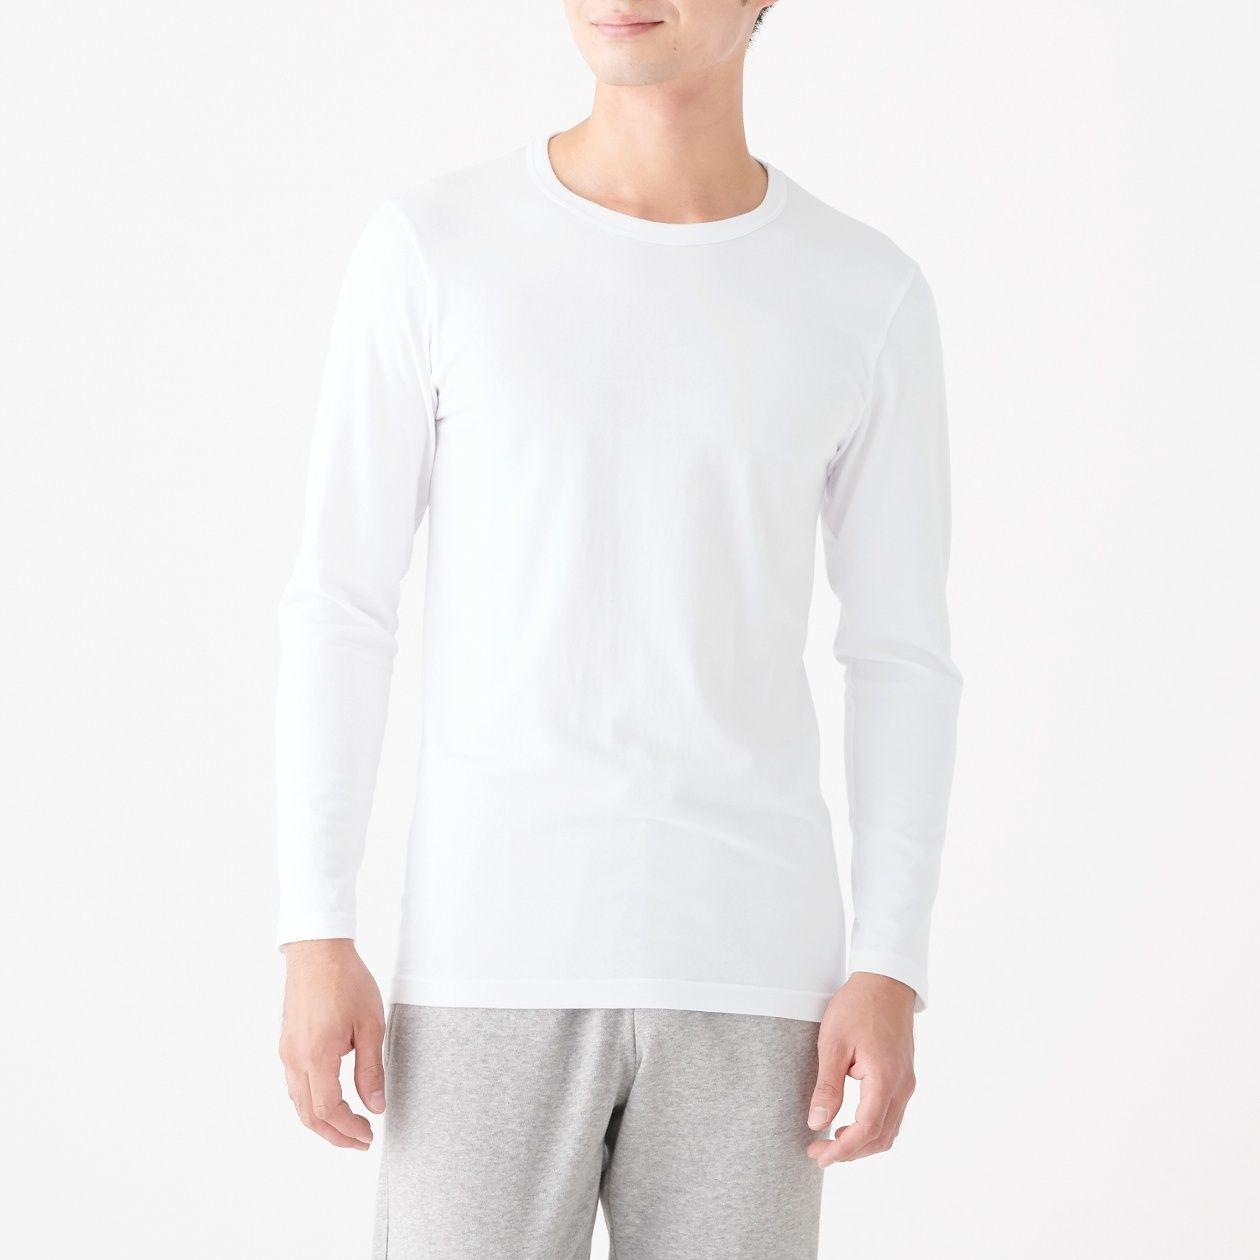 [무인양품] 따뜻한 면 크루넥 긴소매티셔츠 남성 MUJI 일본 공식스토어